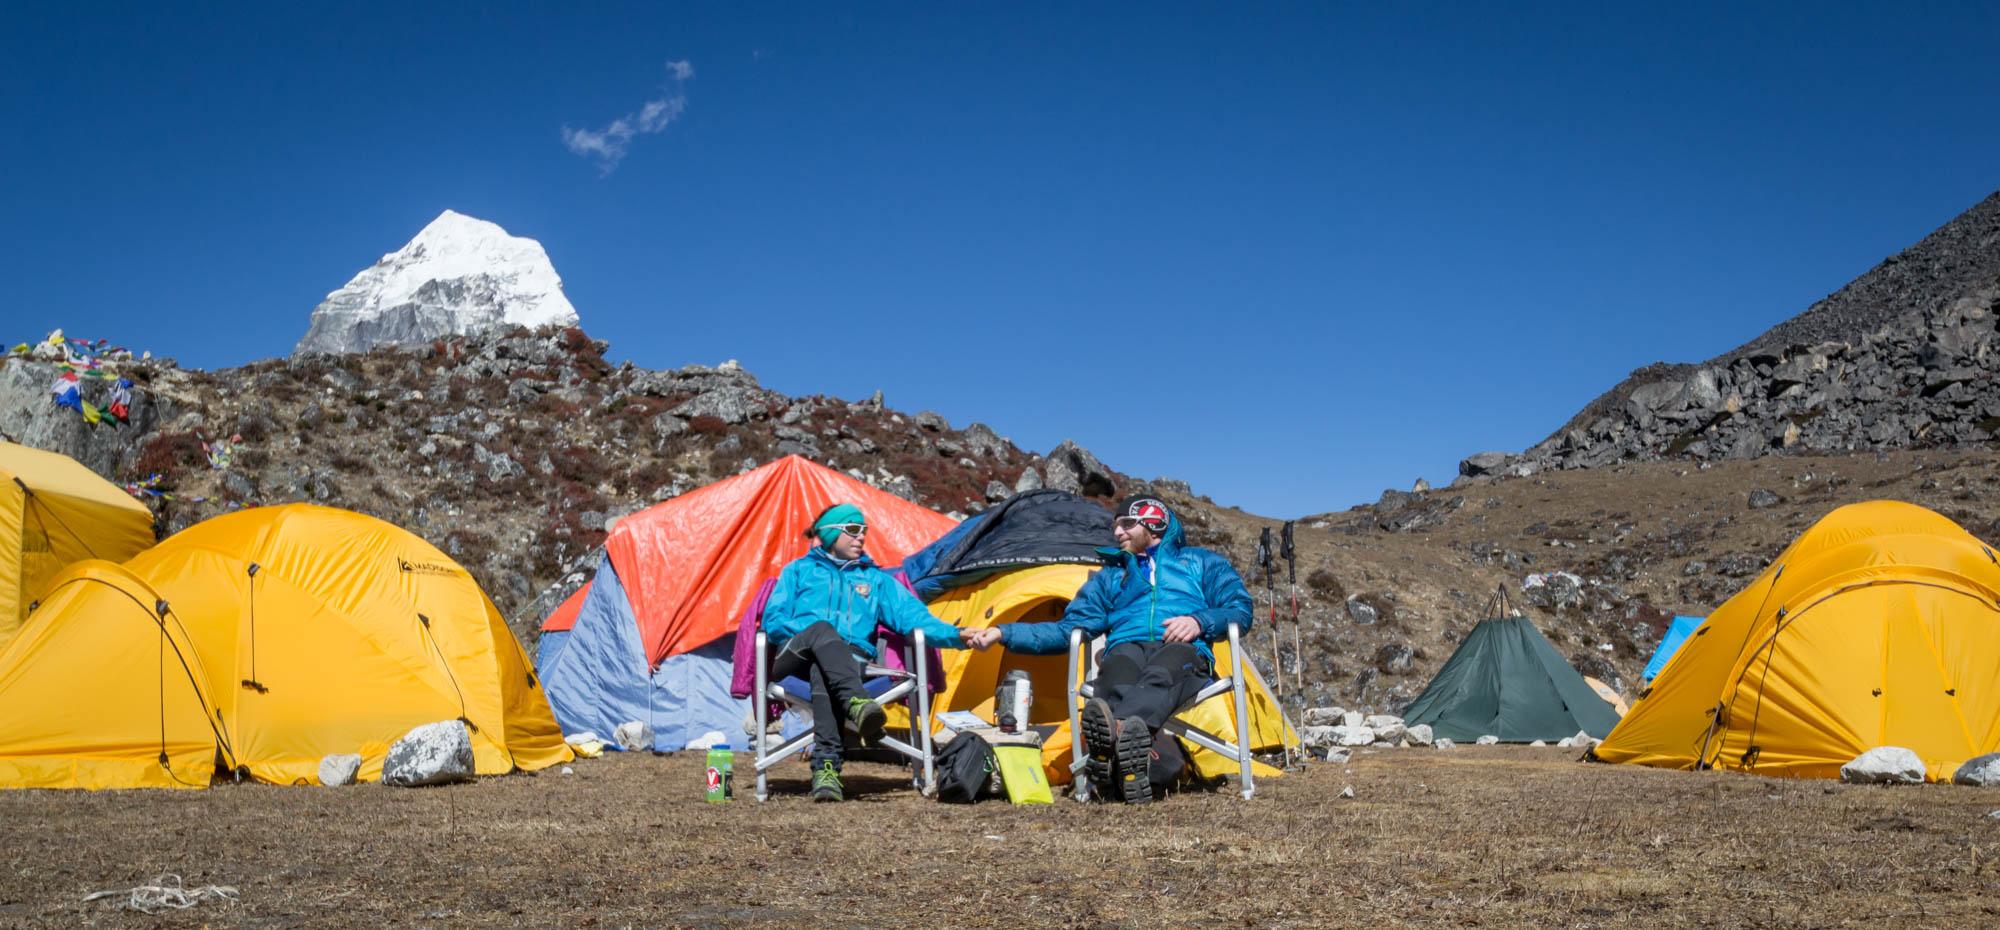 Ein Zelt und ein Koch nur für uns alleine: Wir genossen das Basecamp-Service bei der Ama Dablam. Erhöht den Spaßfaktor einer Expedition.